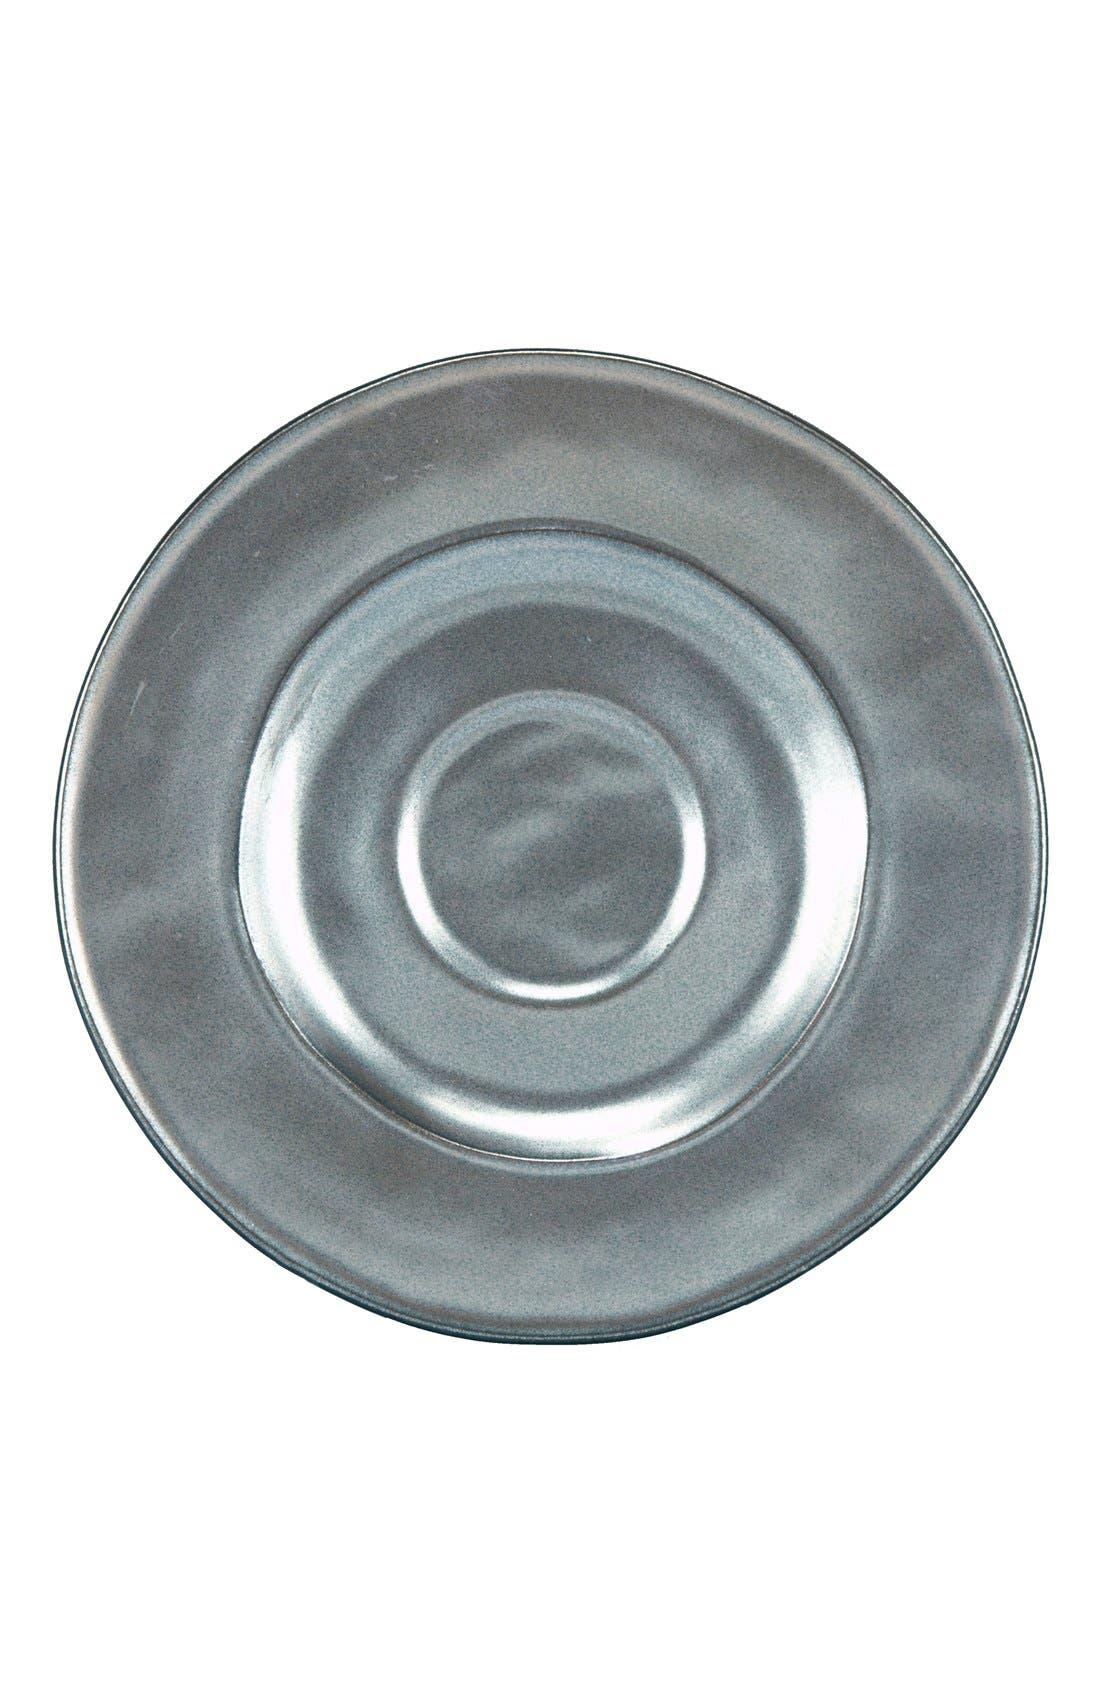 Main Image - Juliska'Pewter' Stoneware Saucer